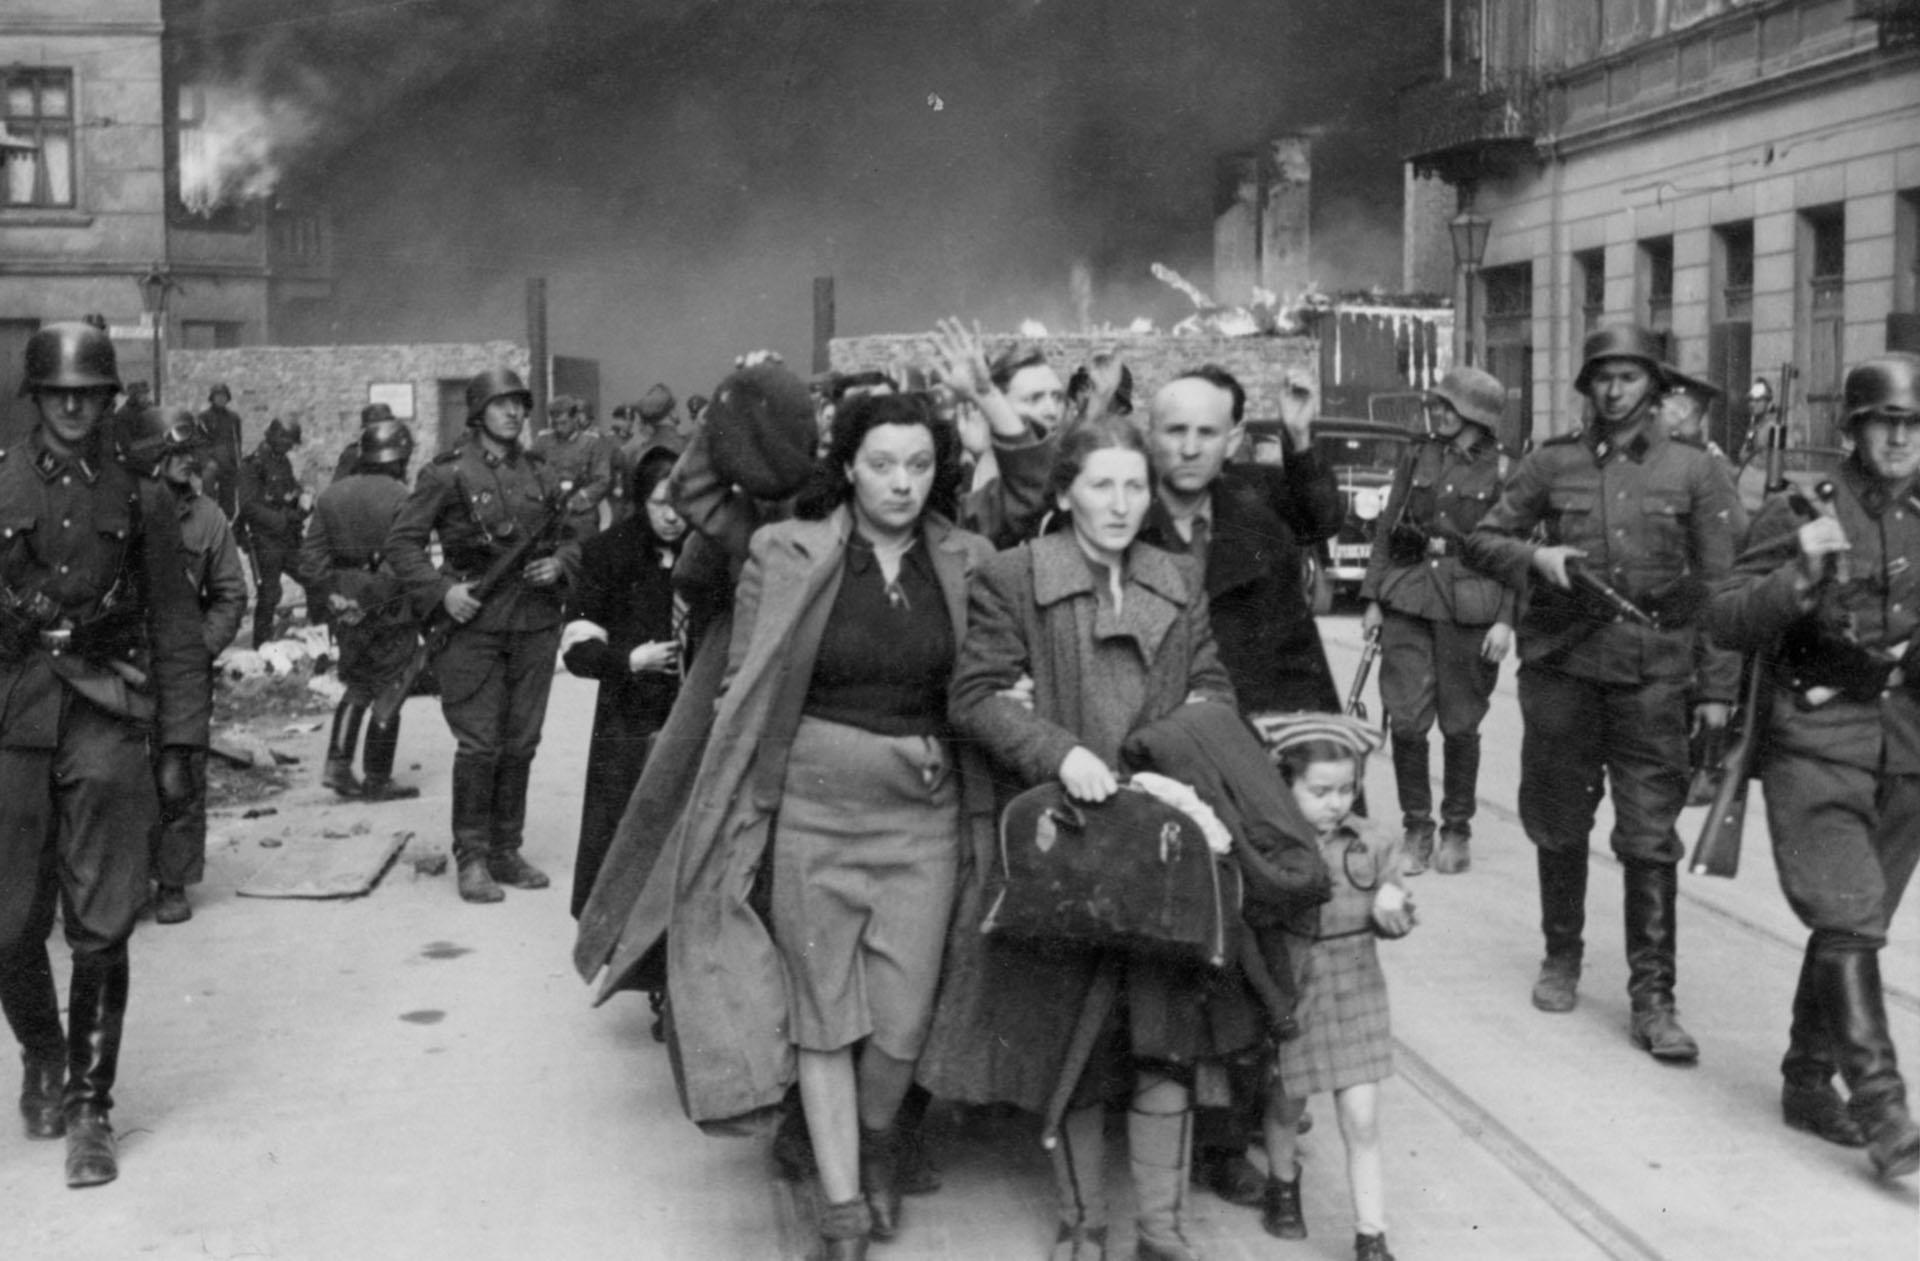 Los judíos capturados por los soldados alemanes eran llevados a los campos de exterminio